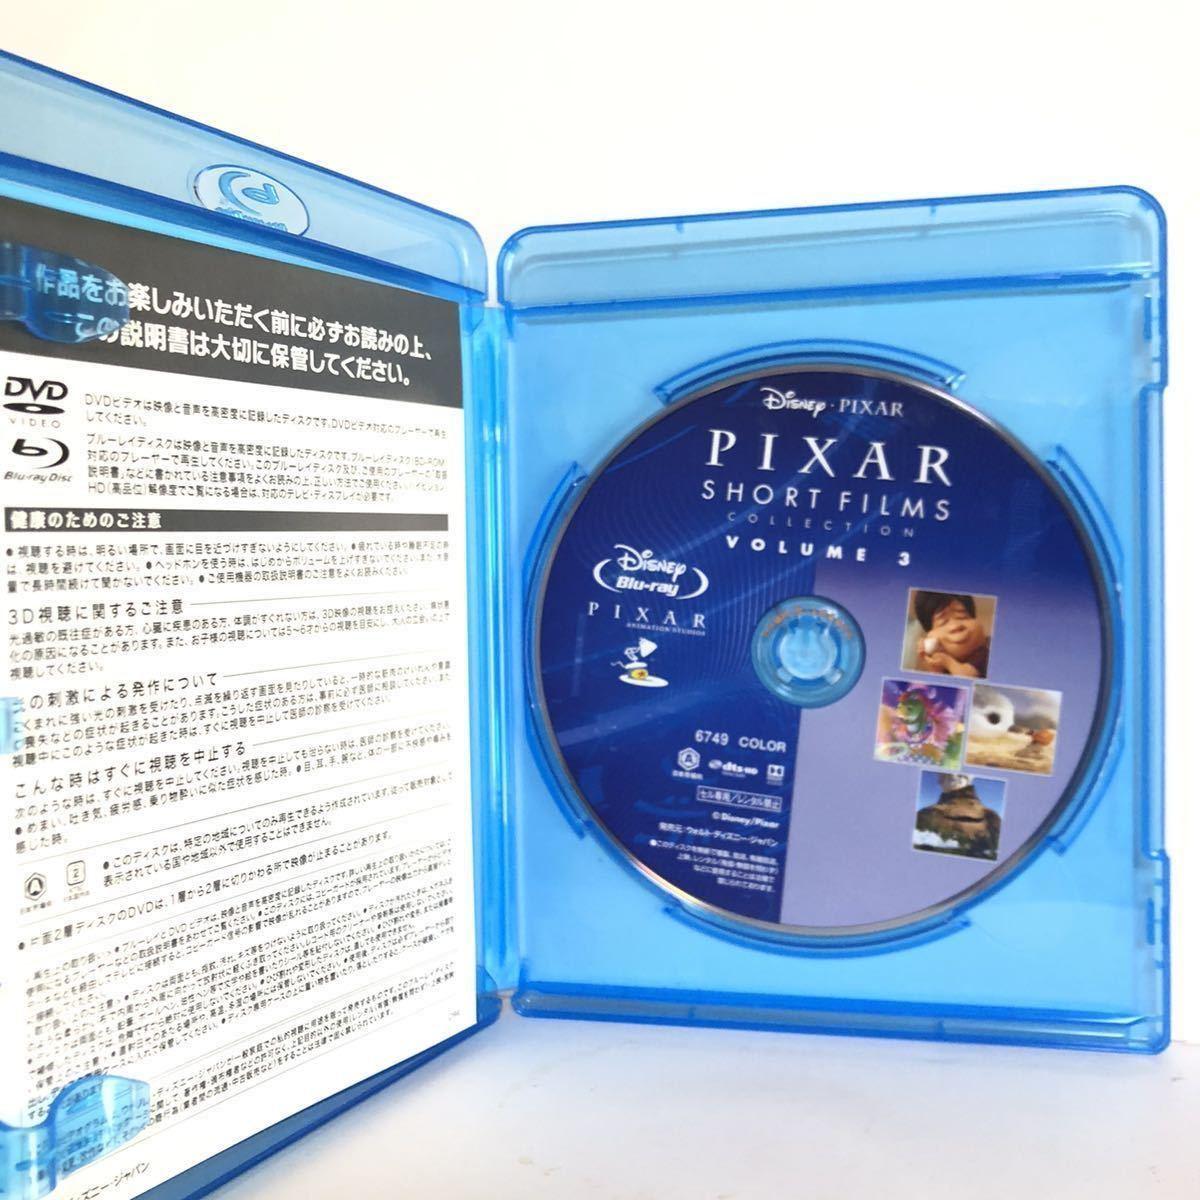 454.送料無料☆ピクサーショートフィルム Vol.3 Blu-ray ディズニー ショート カーズ  ※こちらはDVD でなくブルーレイです